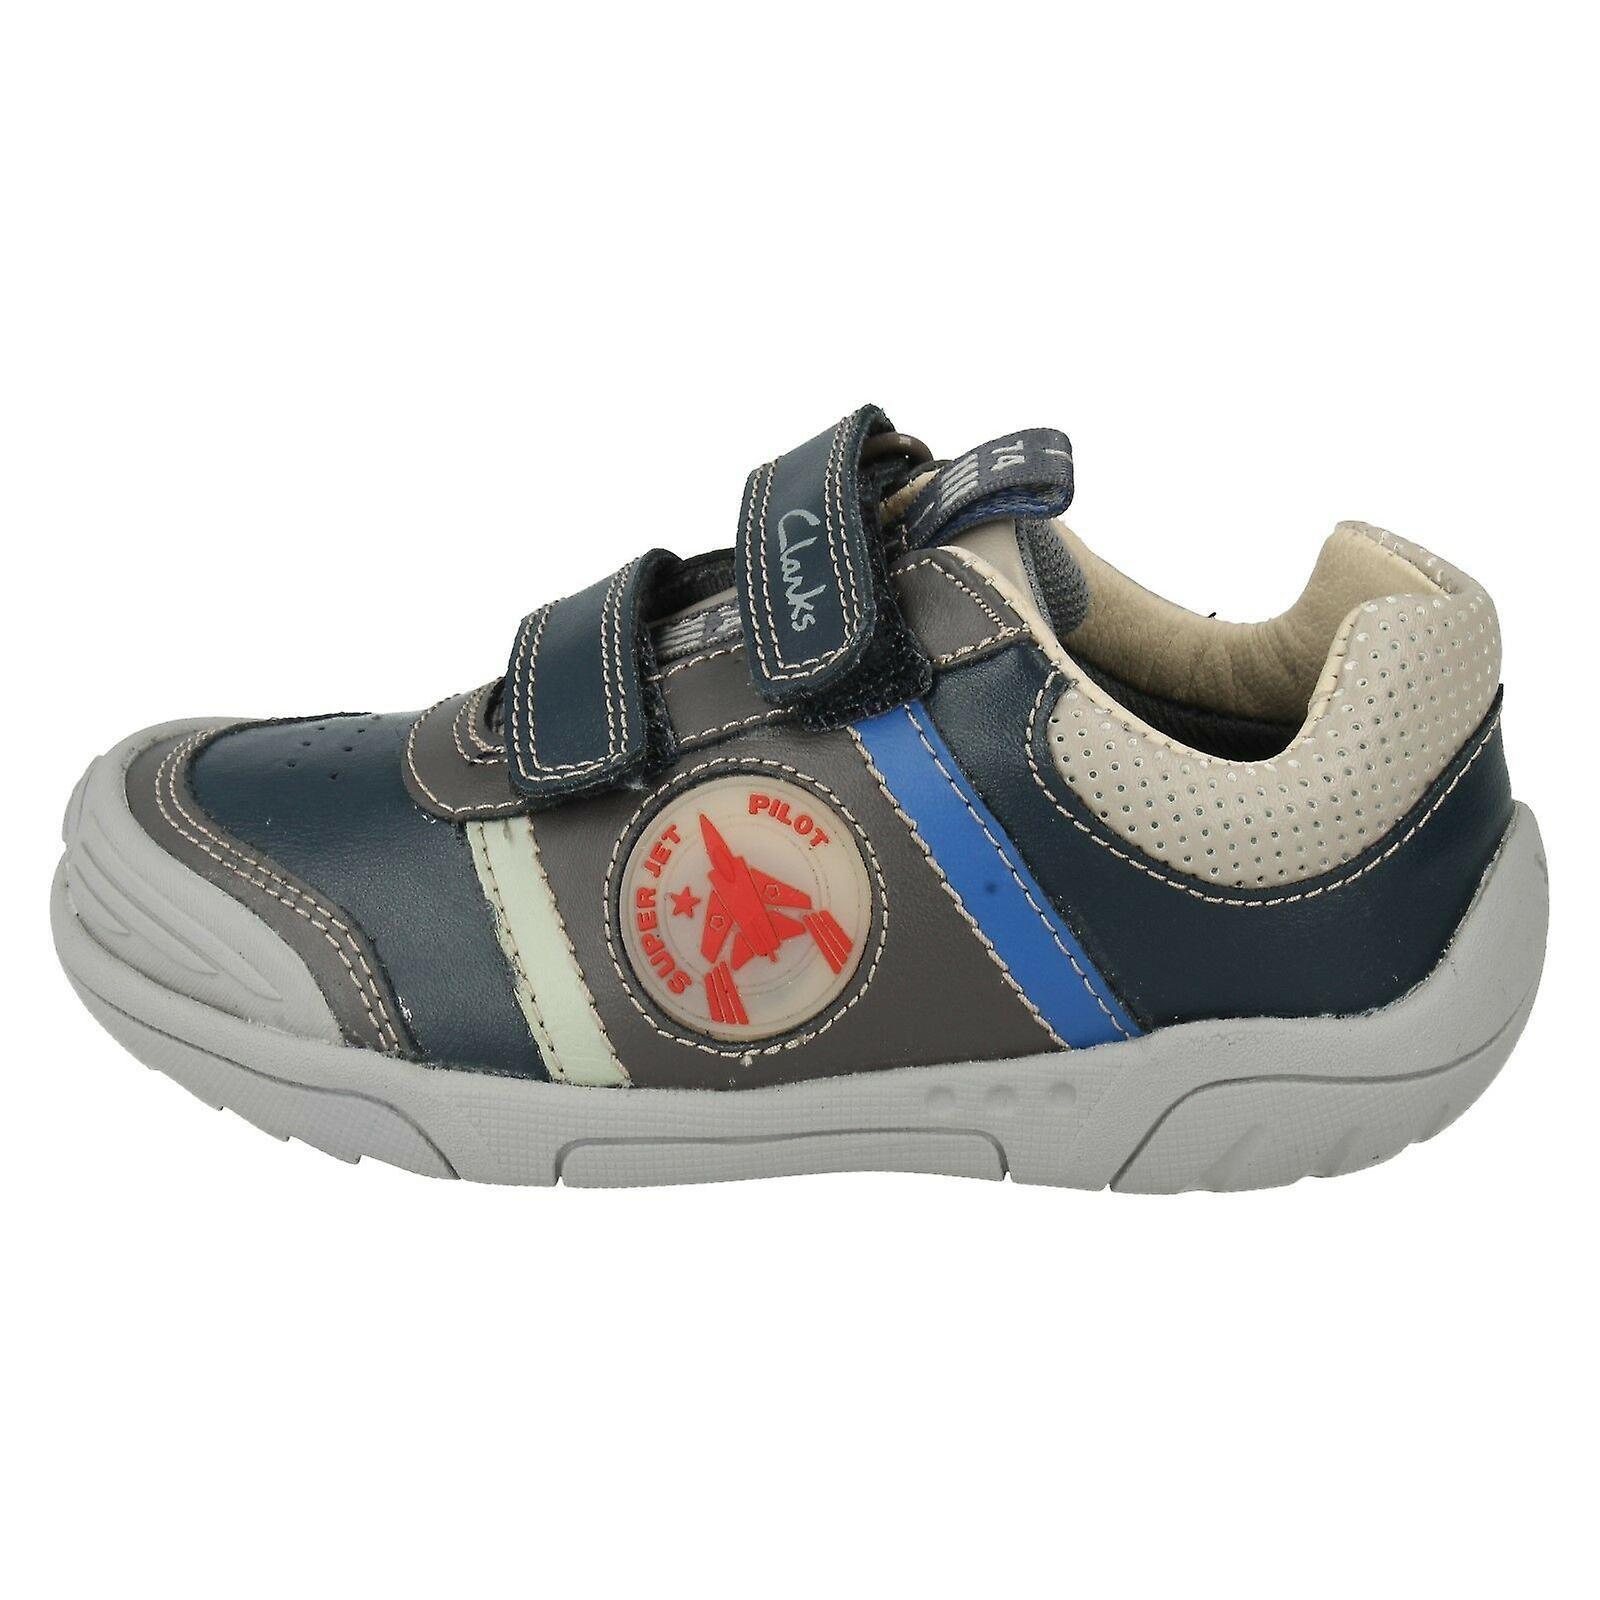 Jongens Clarks Casual schoenen Wing tijd CZFx6L